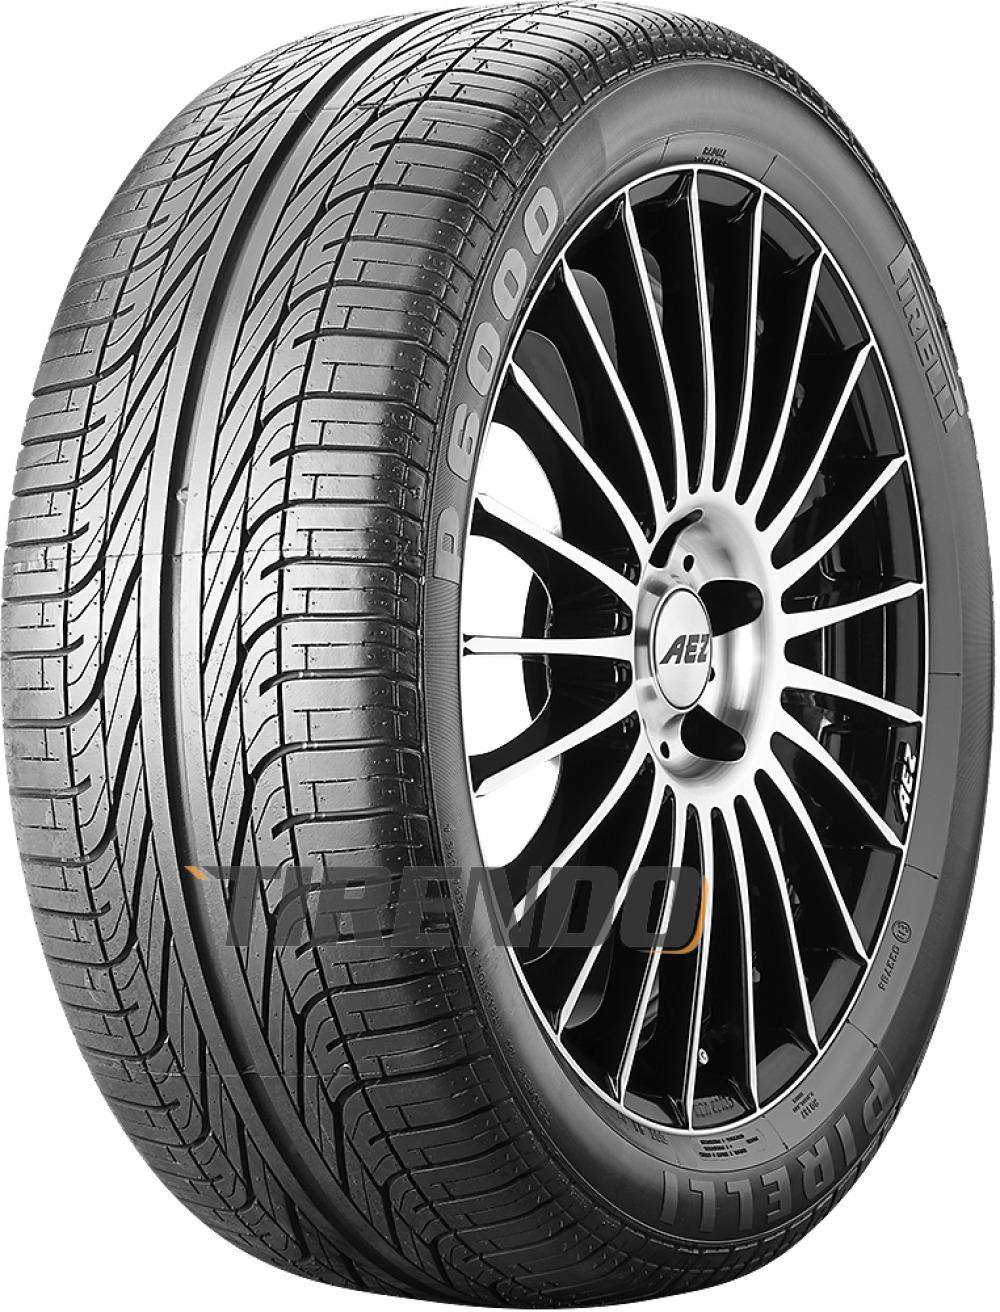 Pirelli P 6000 Powergy ( 235/50 ZR18 97W mit Felgenschutz (MFS) )